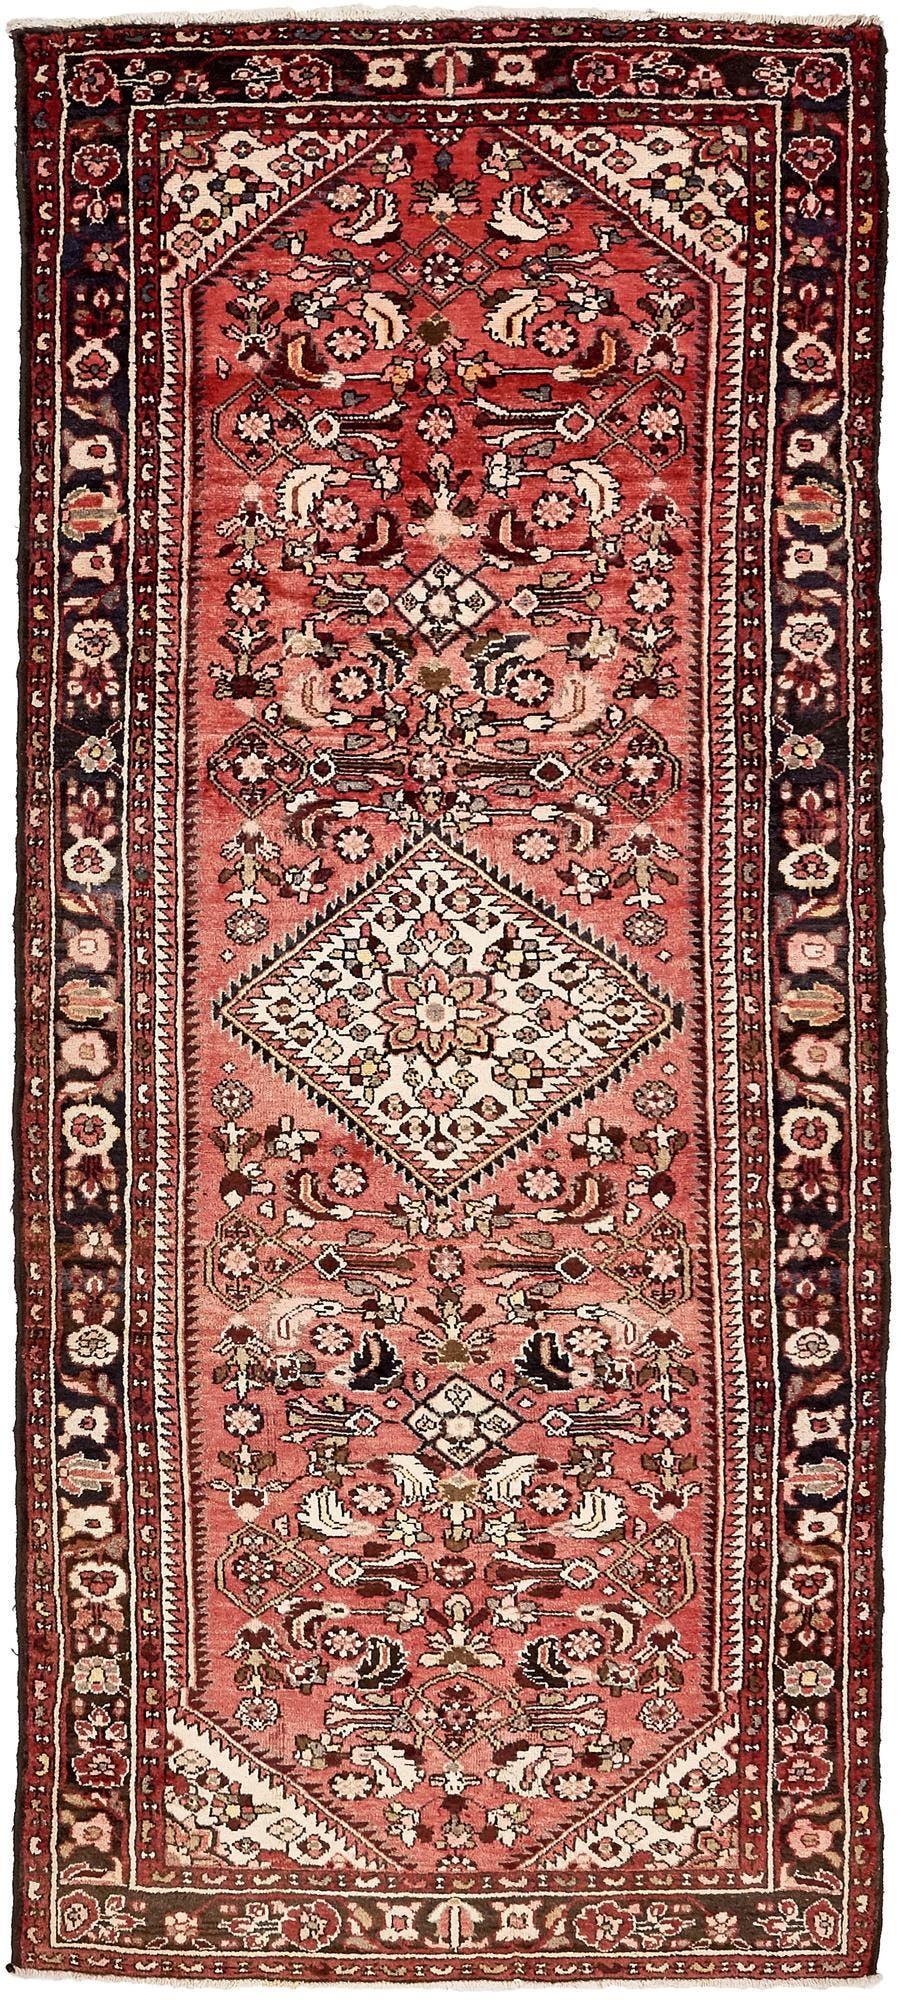 4' 4 x 10' 3 Hossainabad Persian Runner Rug main image